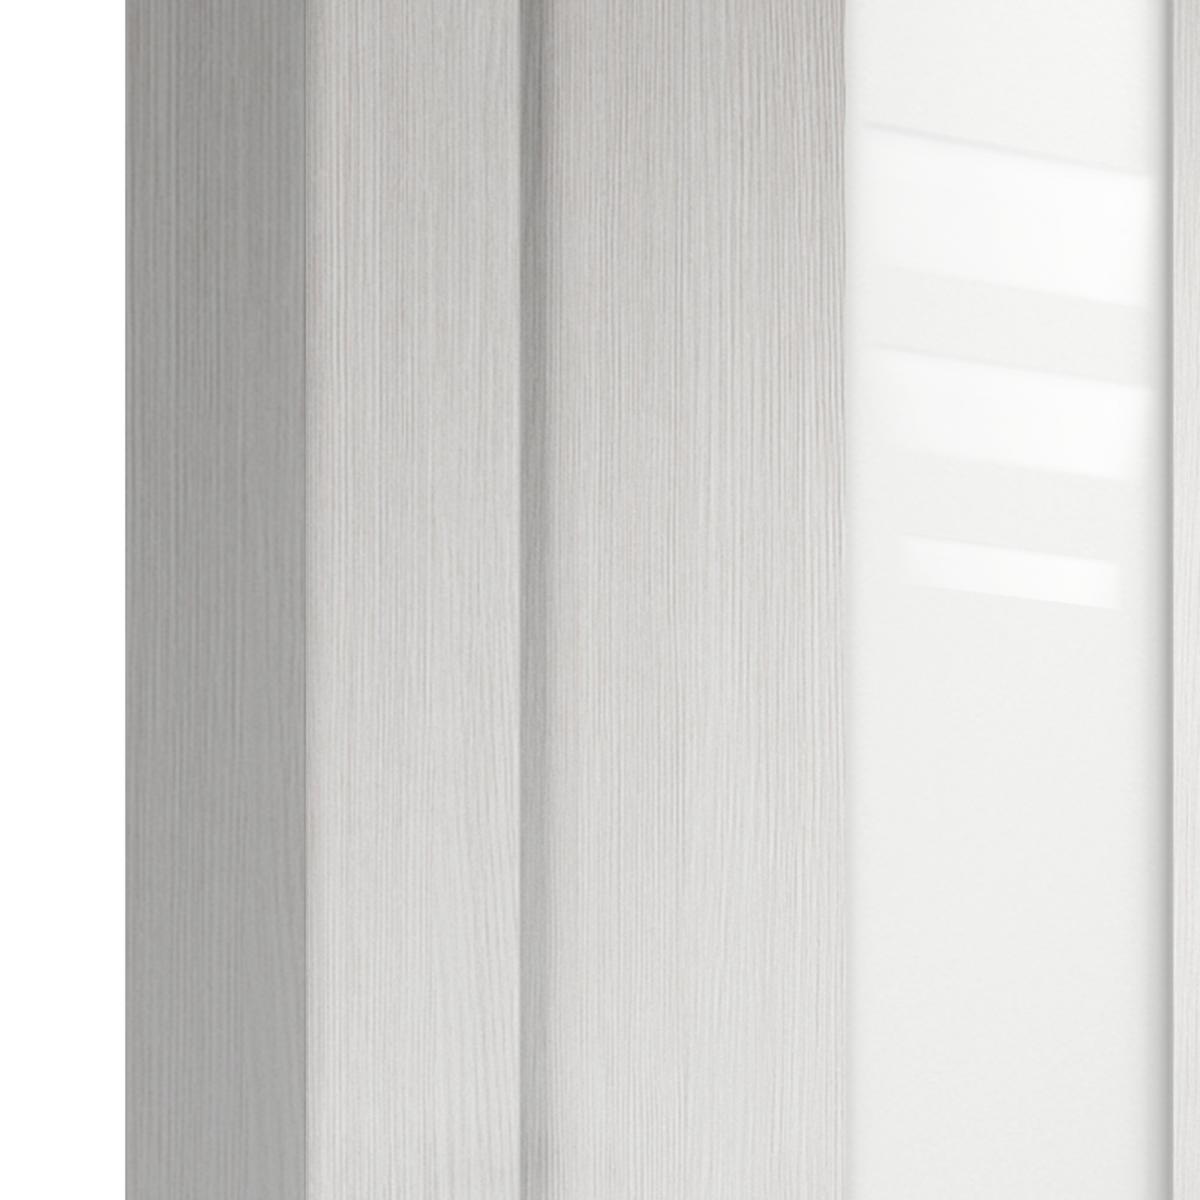 Дверь Межкомнатная Остеклённая Фортуна 80x200 Пвх Цвет Белый Дуб